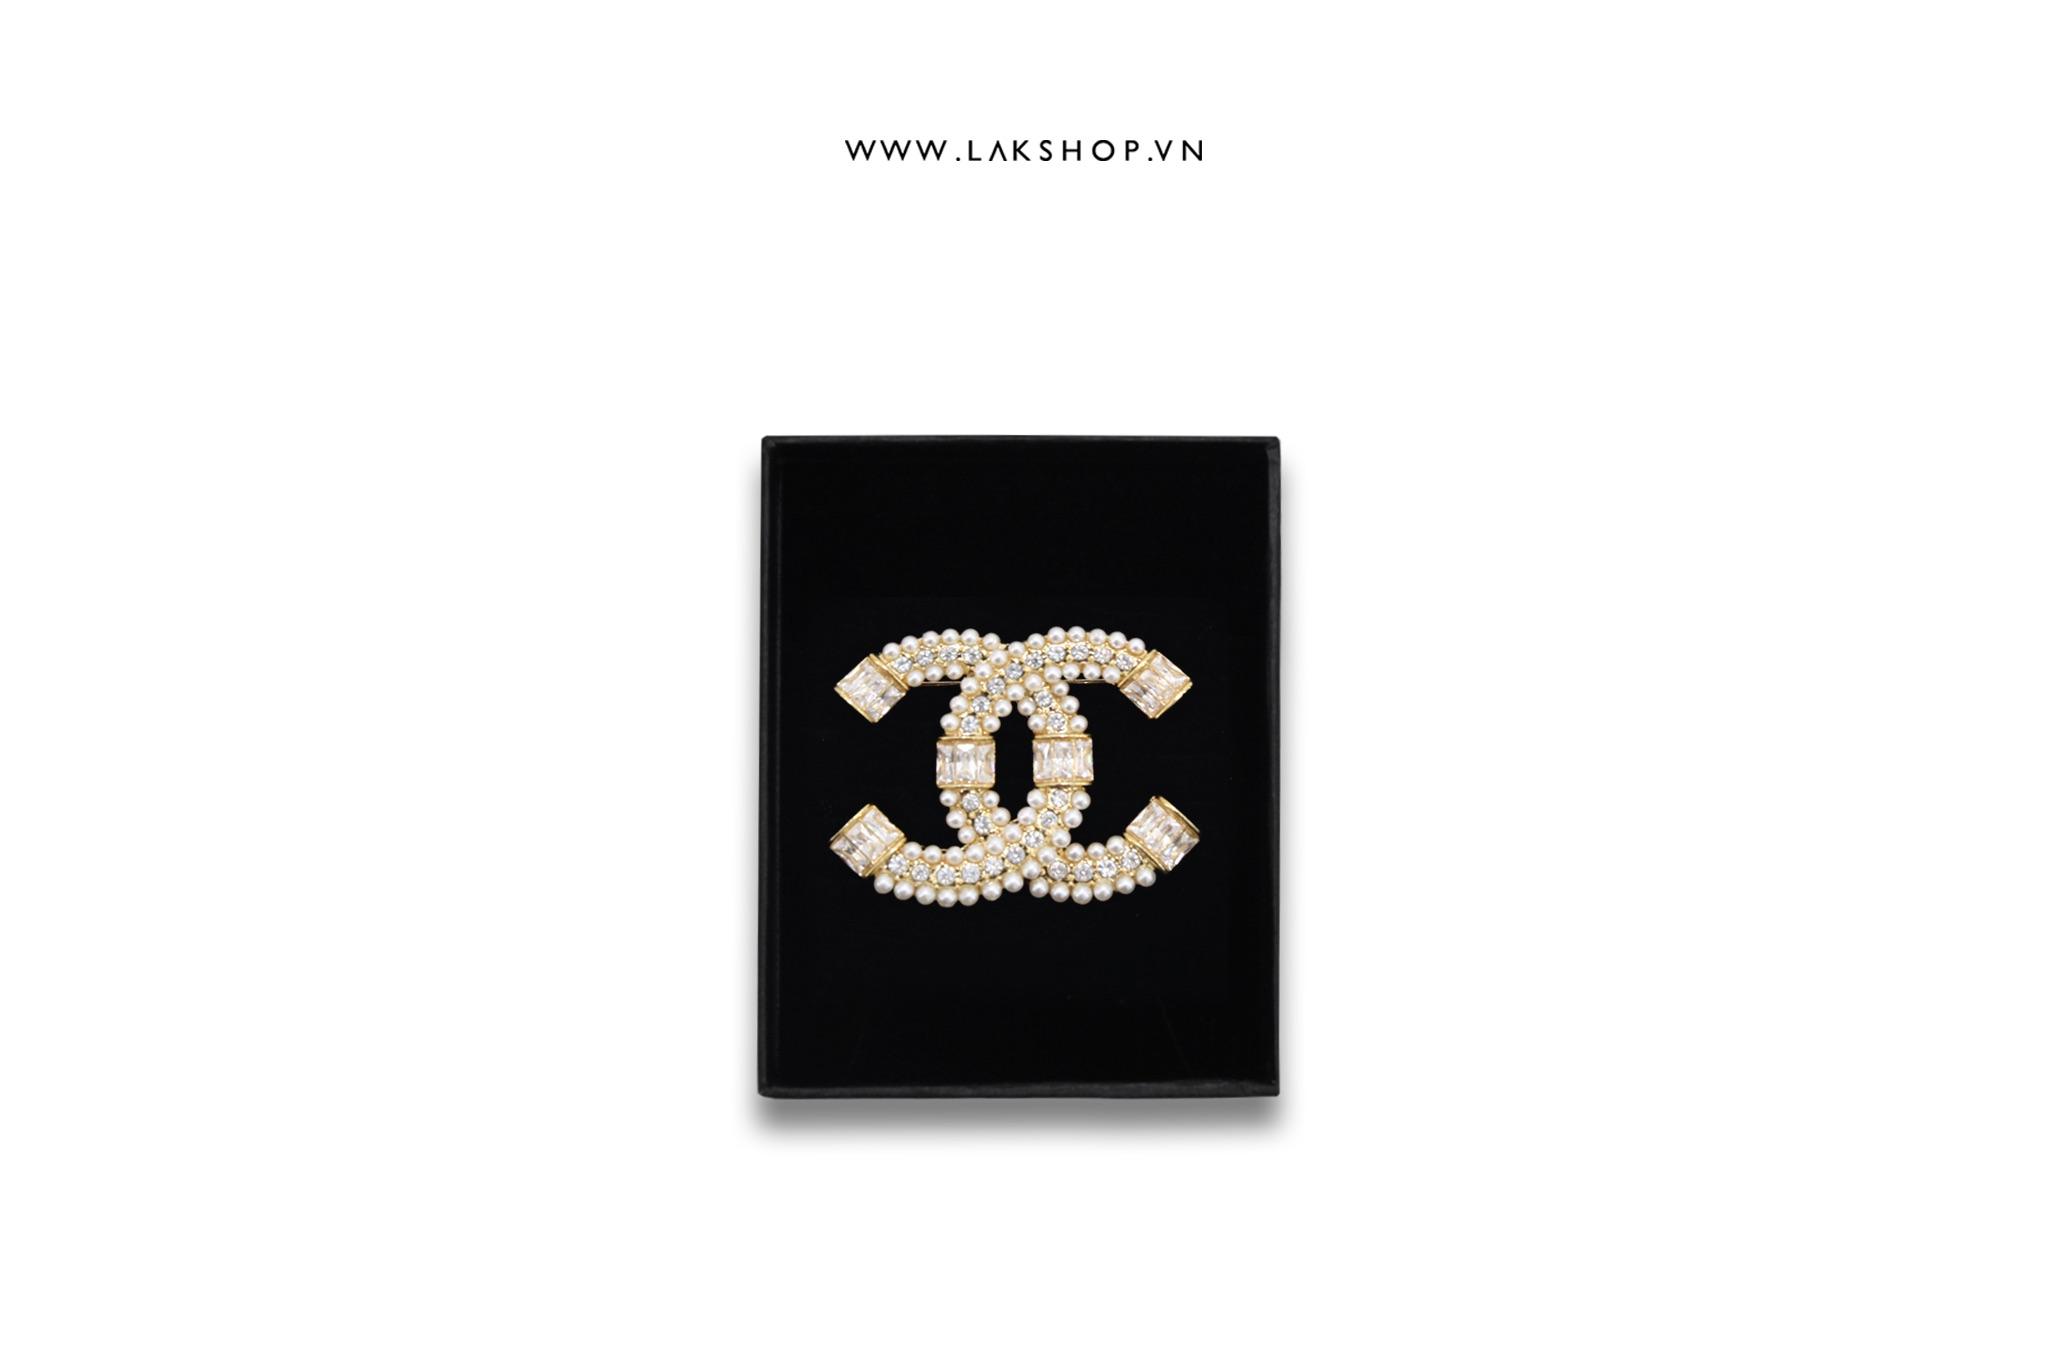 Trâm cài Logo Chanel 2 Viền Ngọc 2 Đầu Đá Vàng